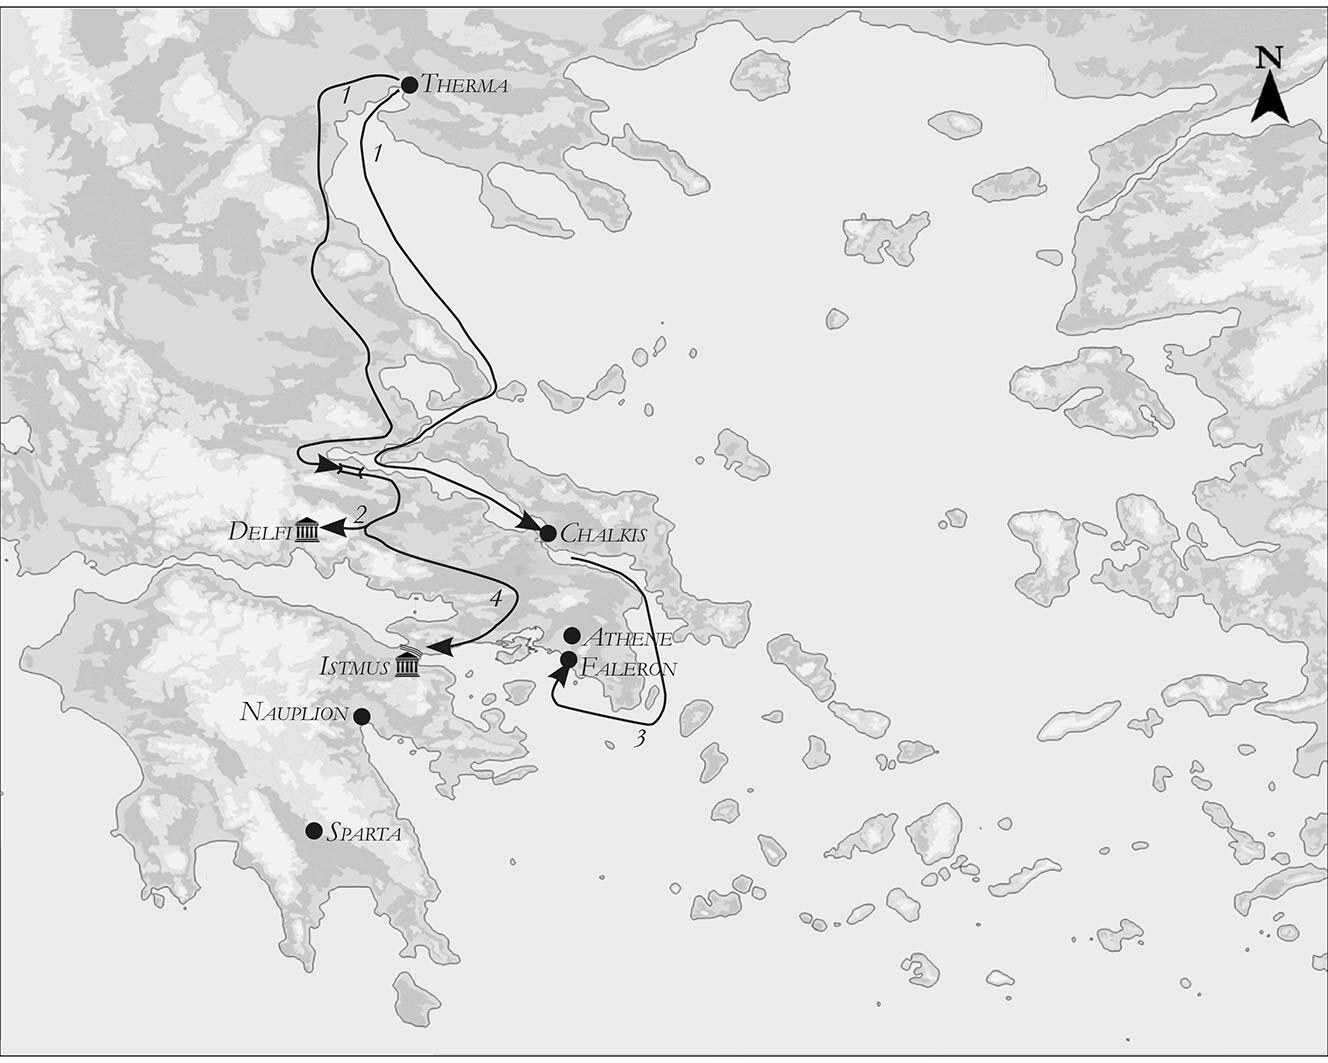 Mieke roth xerxes in griekenland kaarten klaar 8